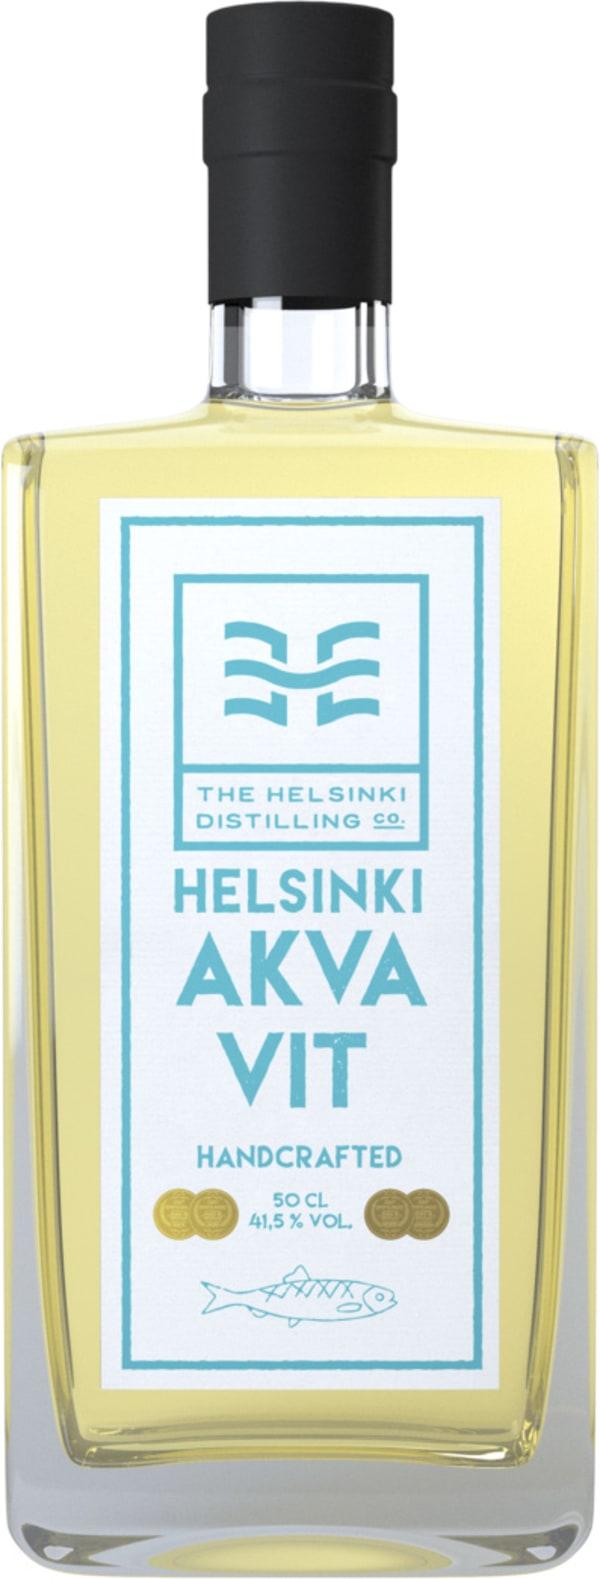 Helsinki Akvavit